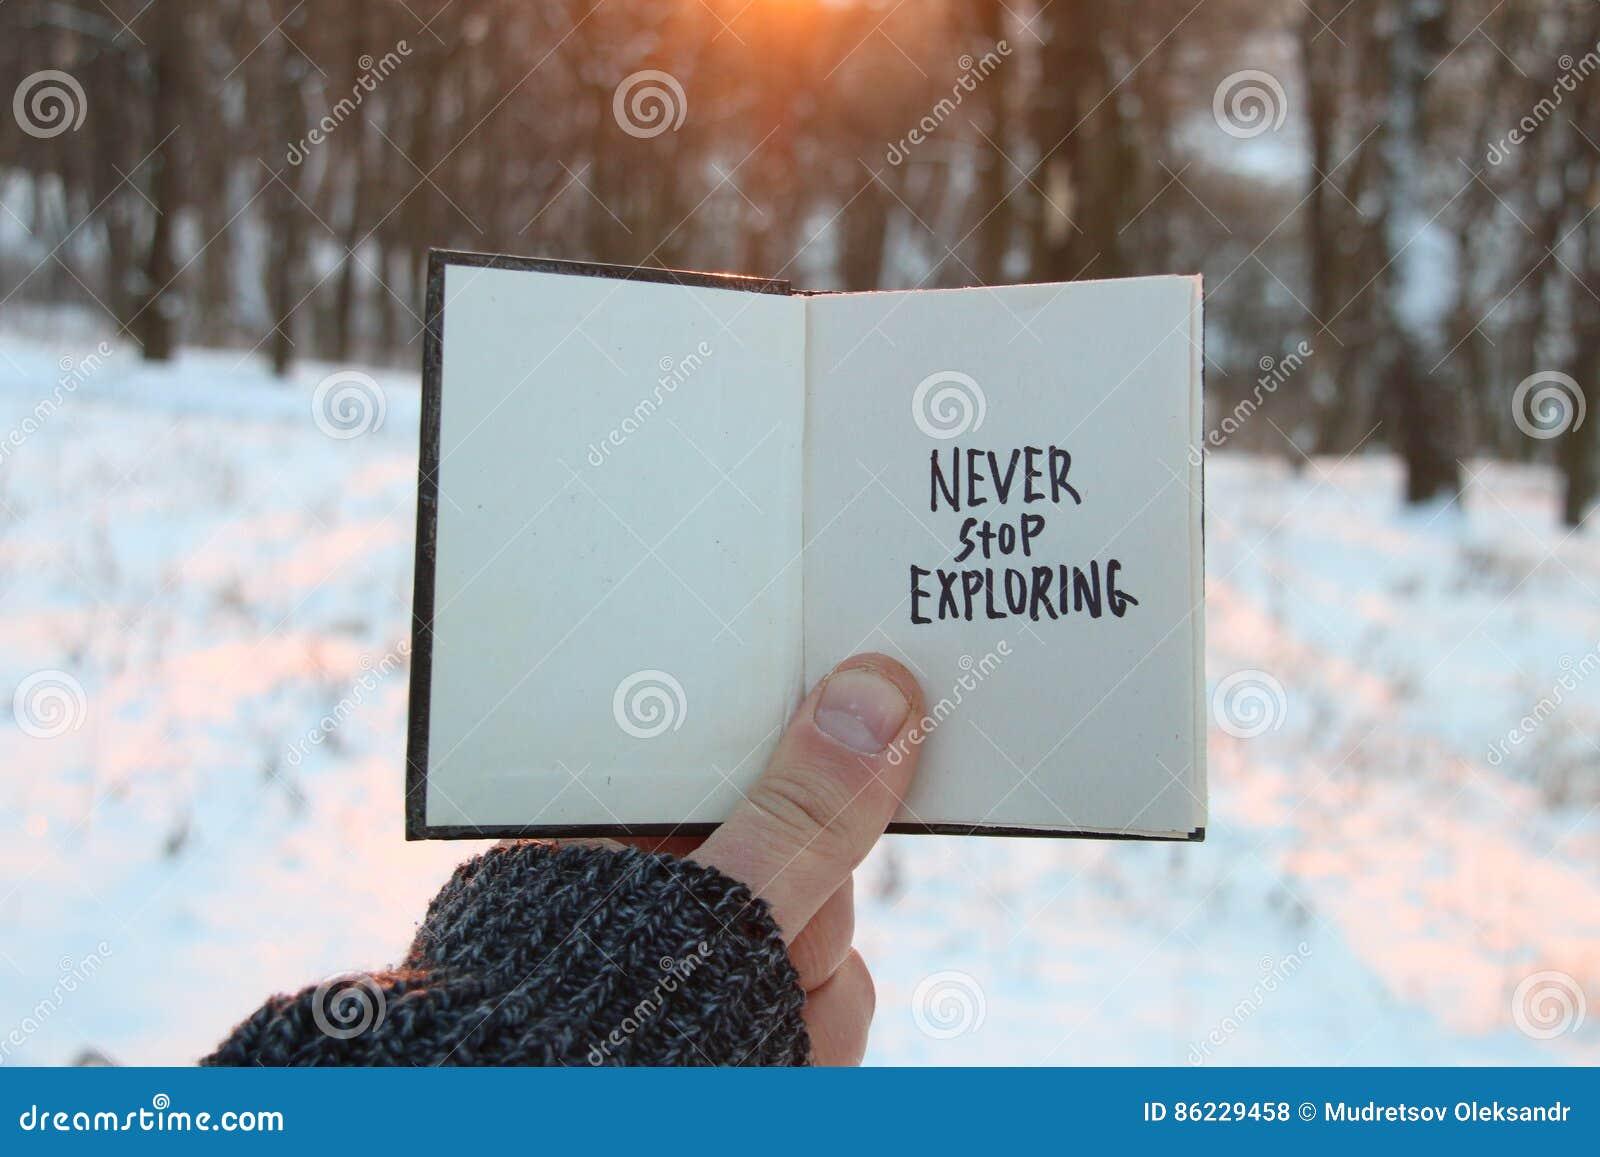 Citaten Over De Winter : Houd nooit op onderzoekend inspirational en motievencitaten boek